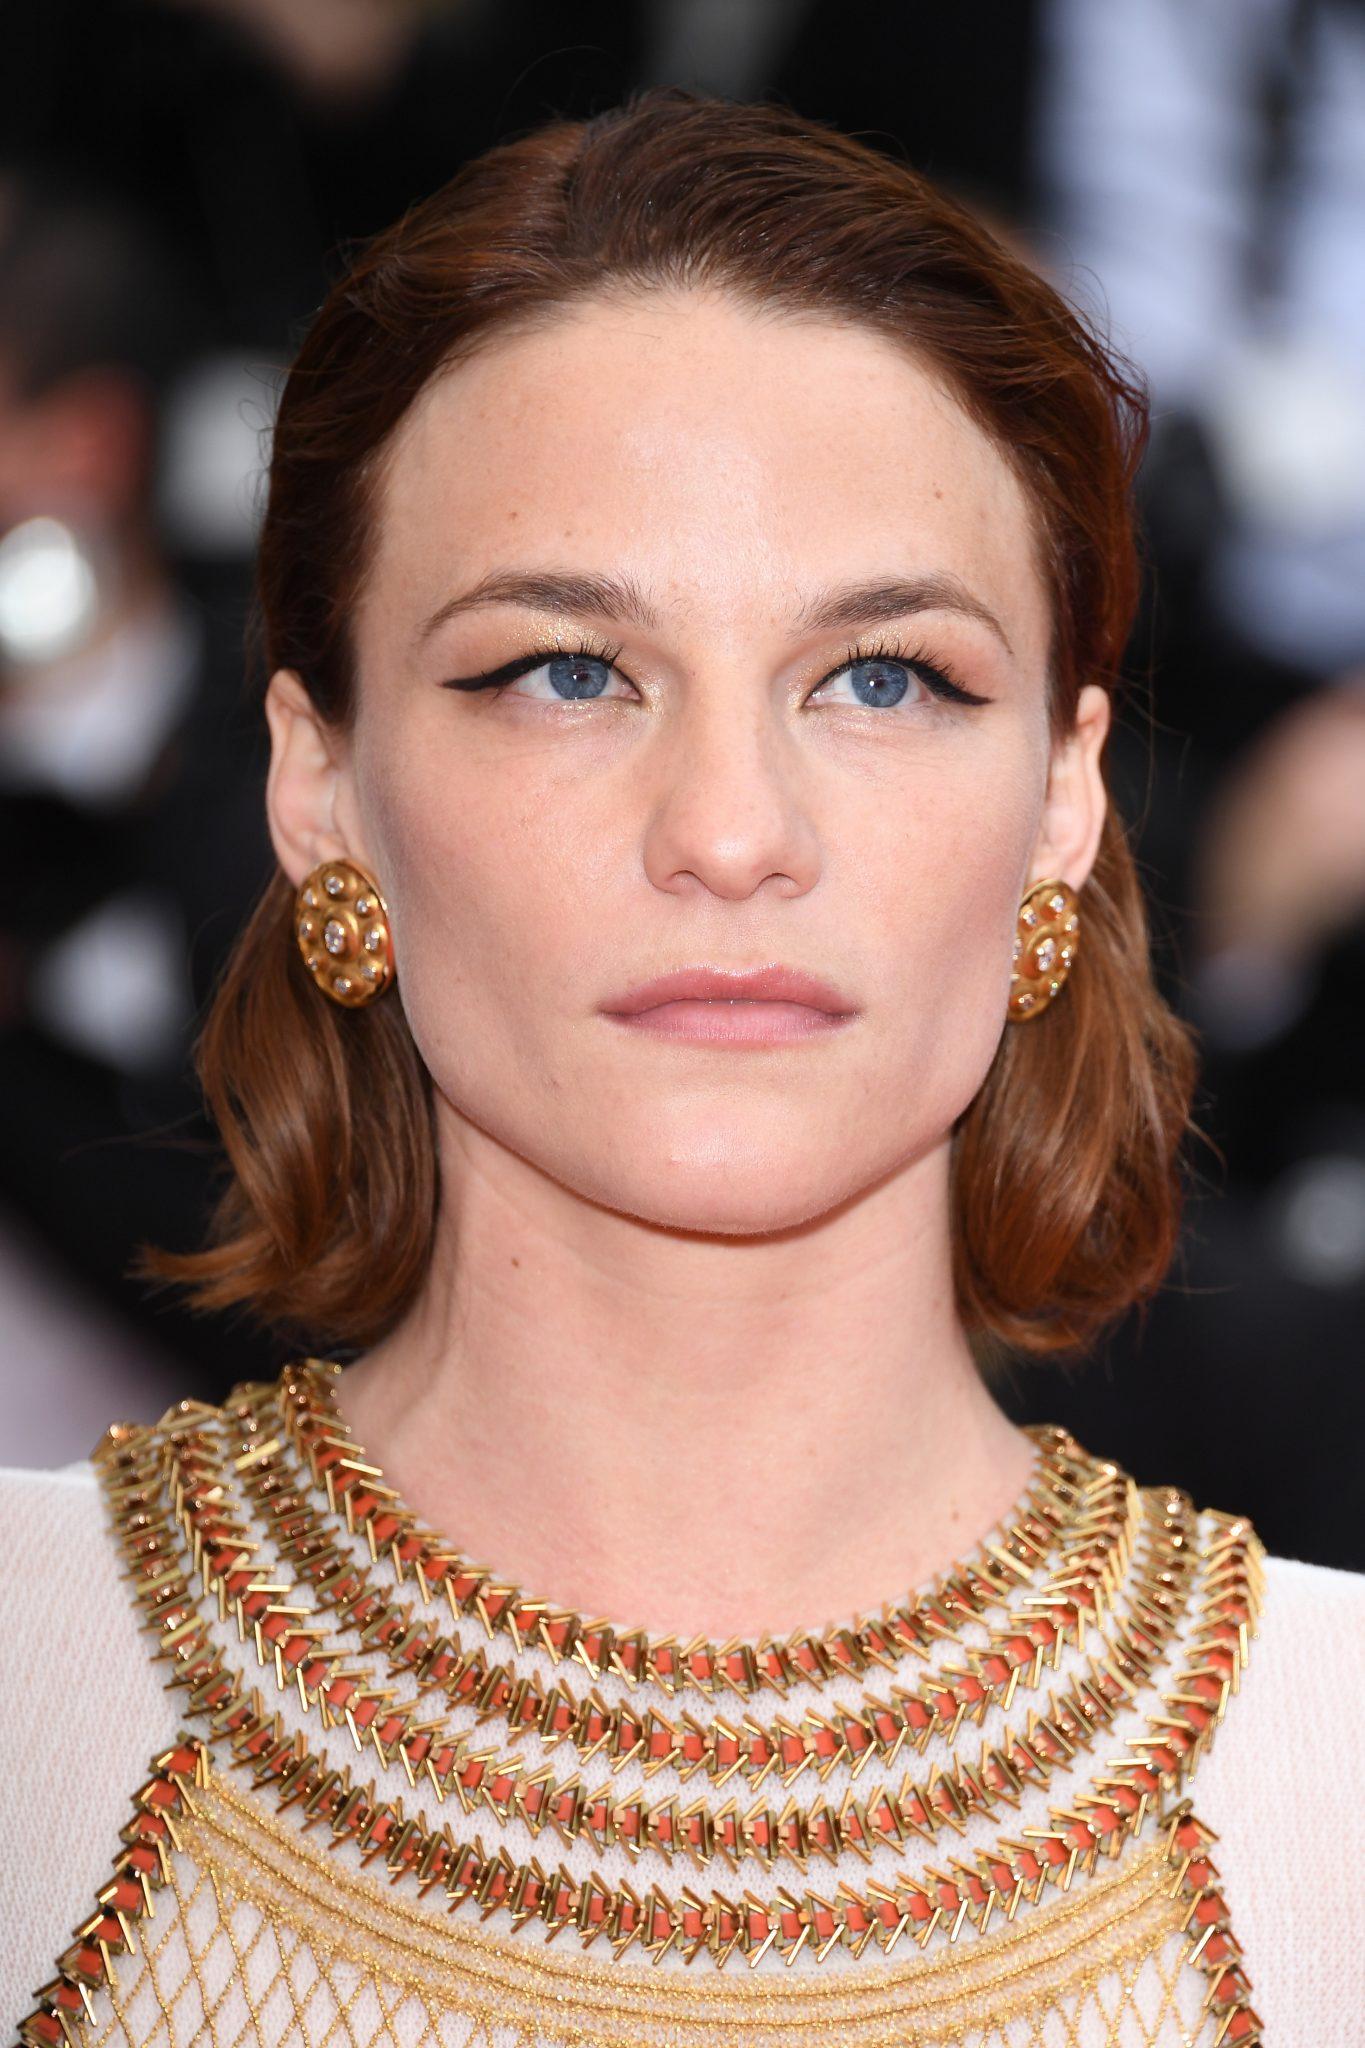 CHANEL Cannes 2019 Valérie Pachner Esprit de Gabrielle espritdegabrielle.com